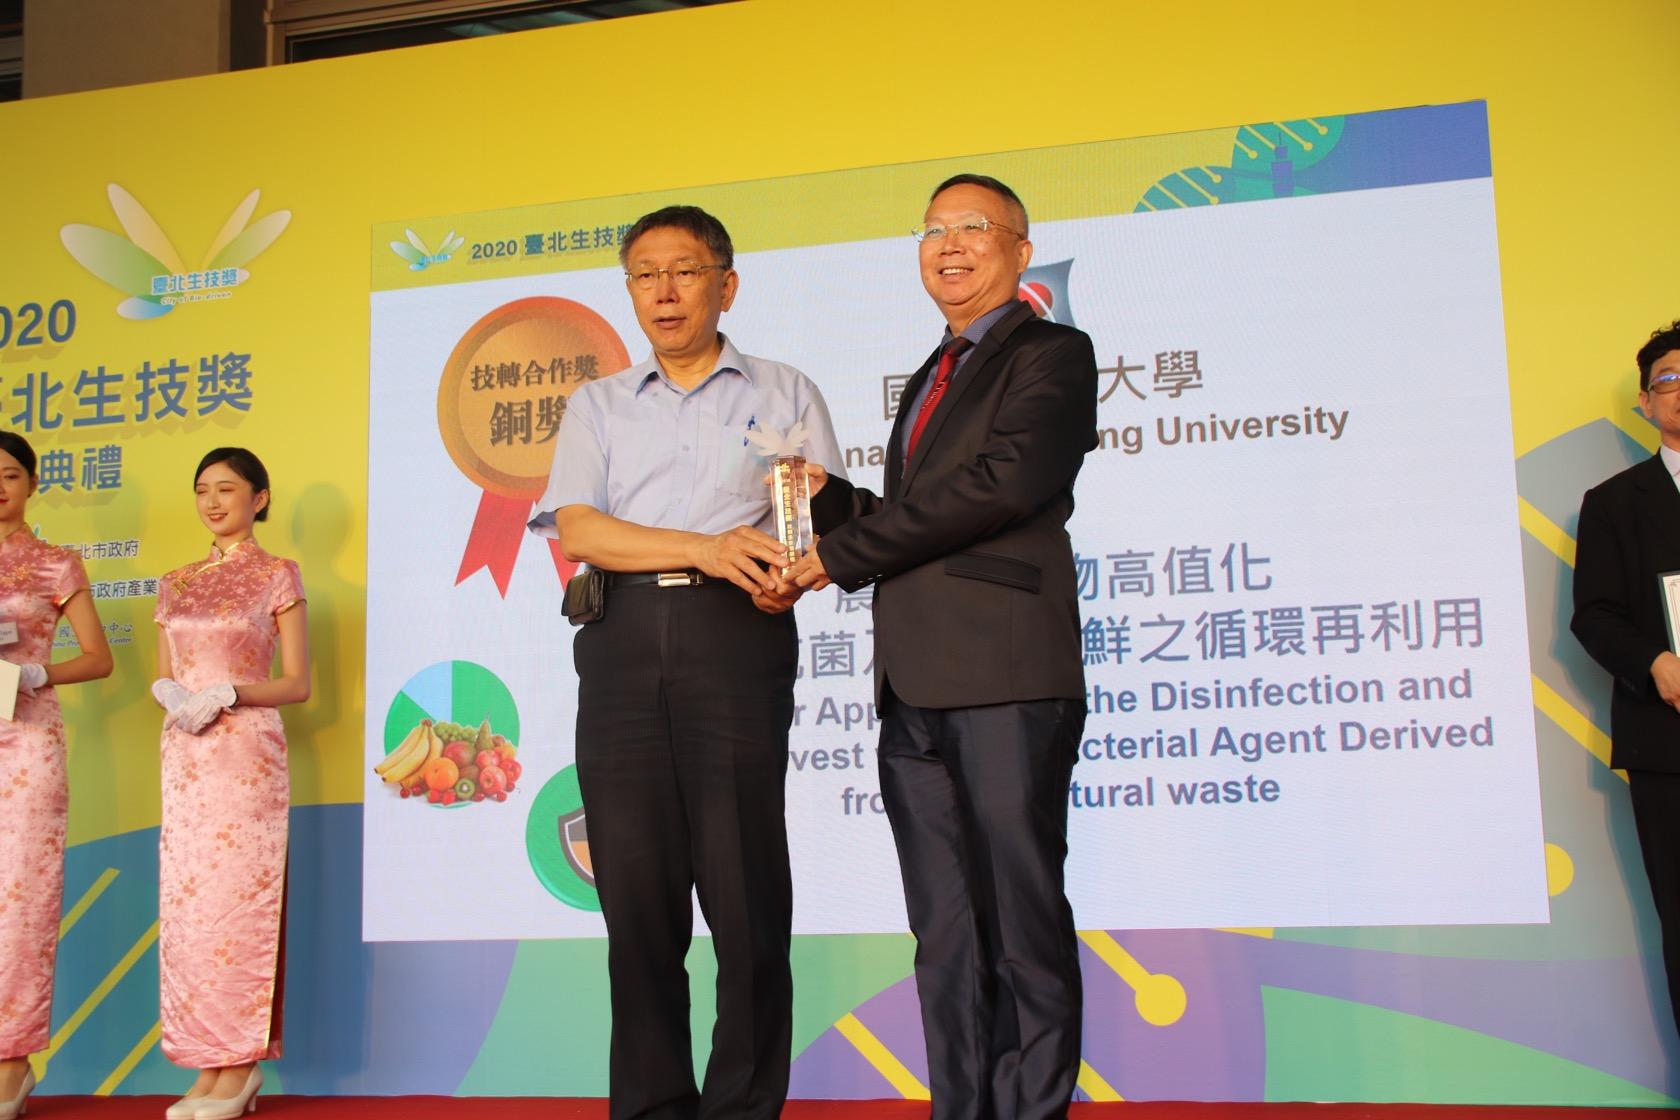 興大土環系林耀東特聘教授及園藝學系林慧玲教授團隊榮獲台北生技獎技轉合作獎,林耀東教授(右)上台領獎。